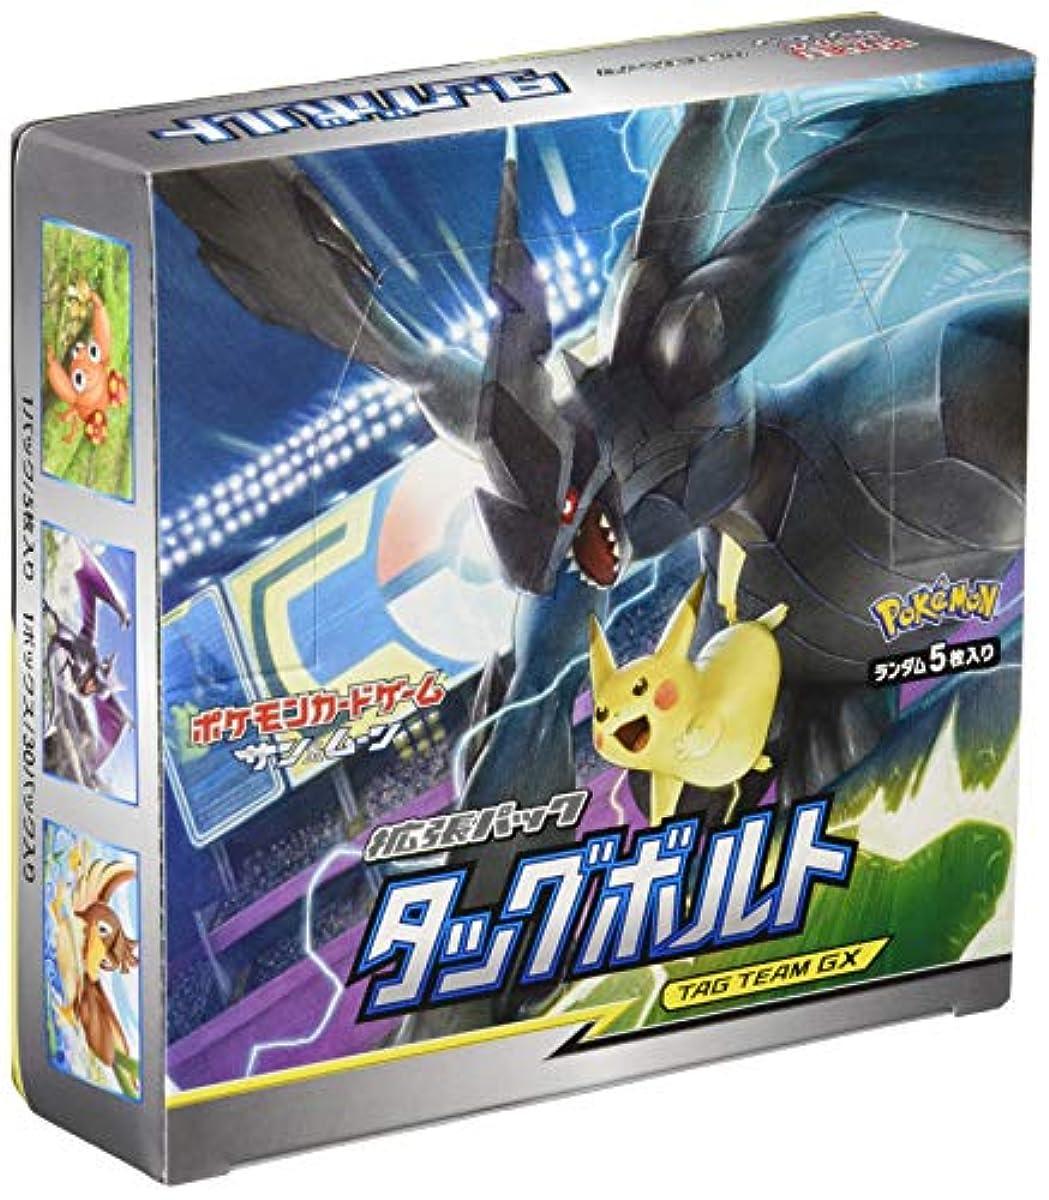 [해외] 포켓몬 카드 게임 산&문 확장 팩「태그 볼트」 BOX